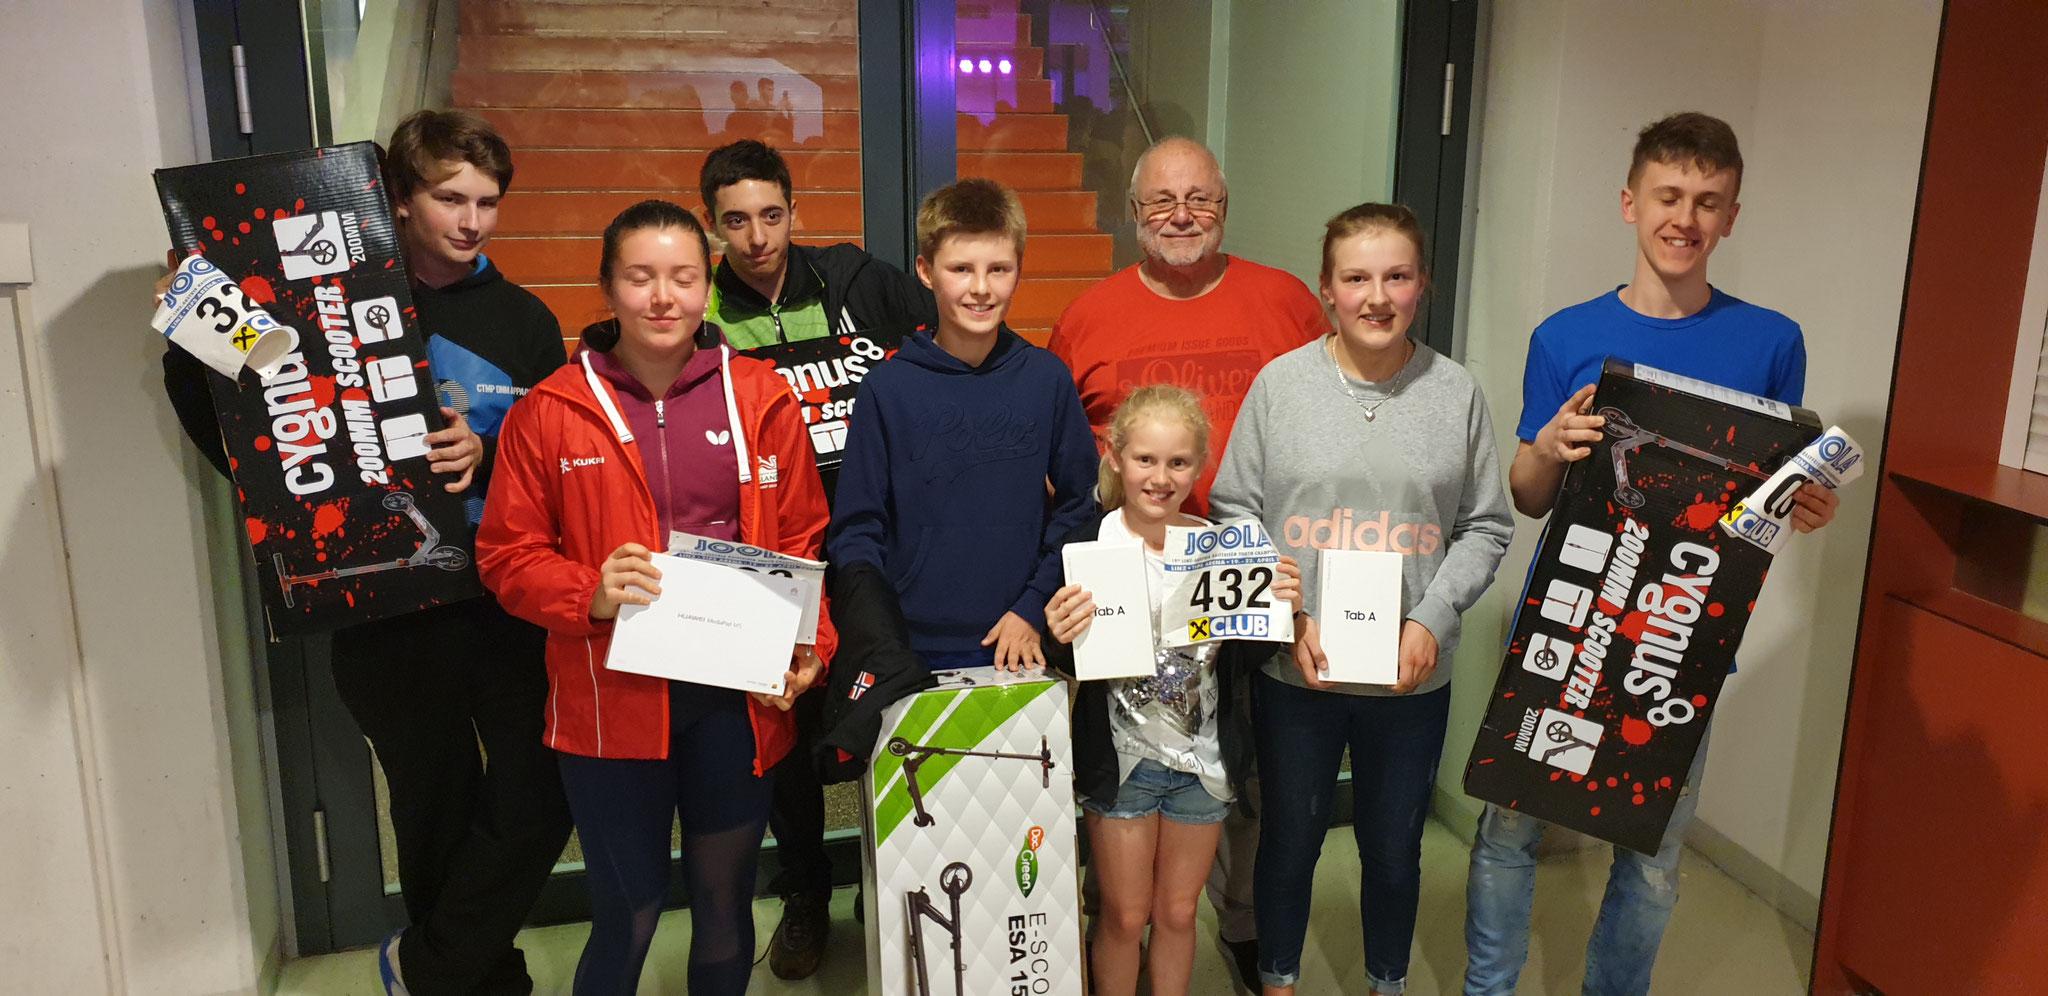 Die glücklichen Gewinner: Sebastian Flaaten (NOR) Denise Payet (ENG) Jana Stüger (OÖ) Ema Cincurova SVK) Kamil Kuchta (CZE) Luca Bersam (ROM) Alexander Lilien (GLI)